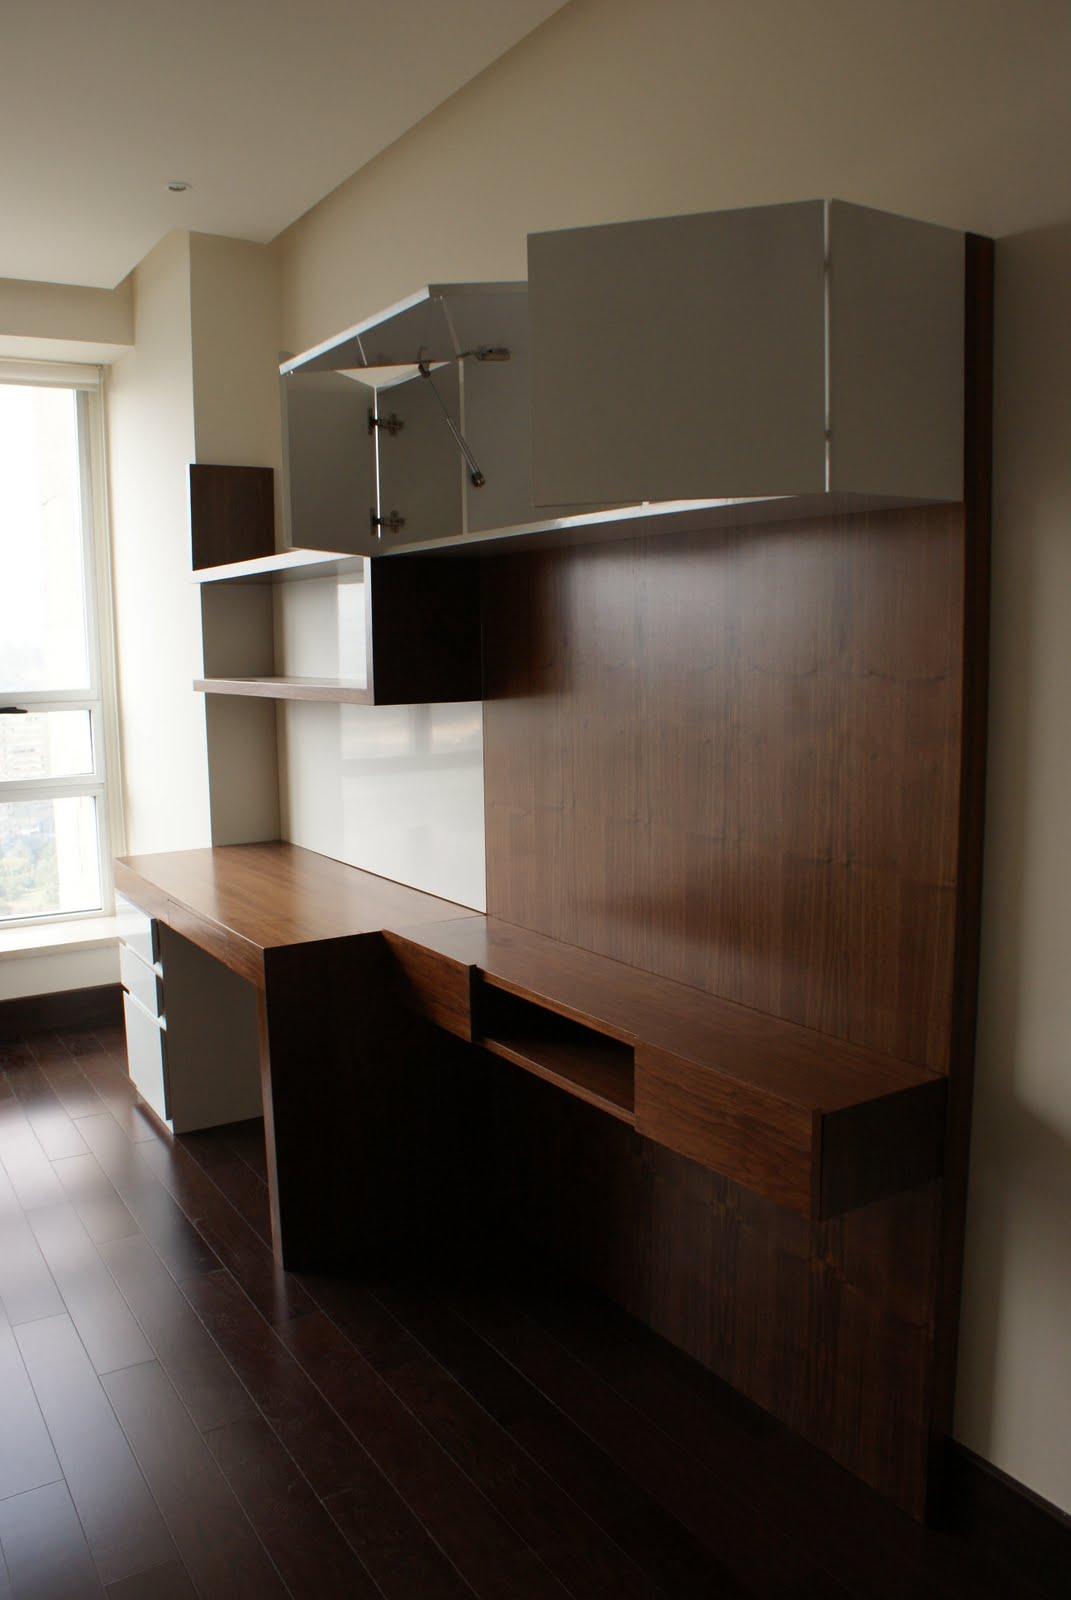 Muebles para t v y escritorio muebles sobre dise o avl - Muebles para escritorio ...